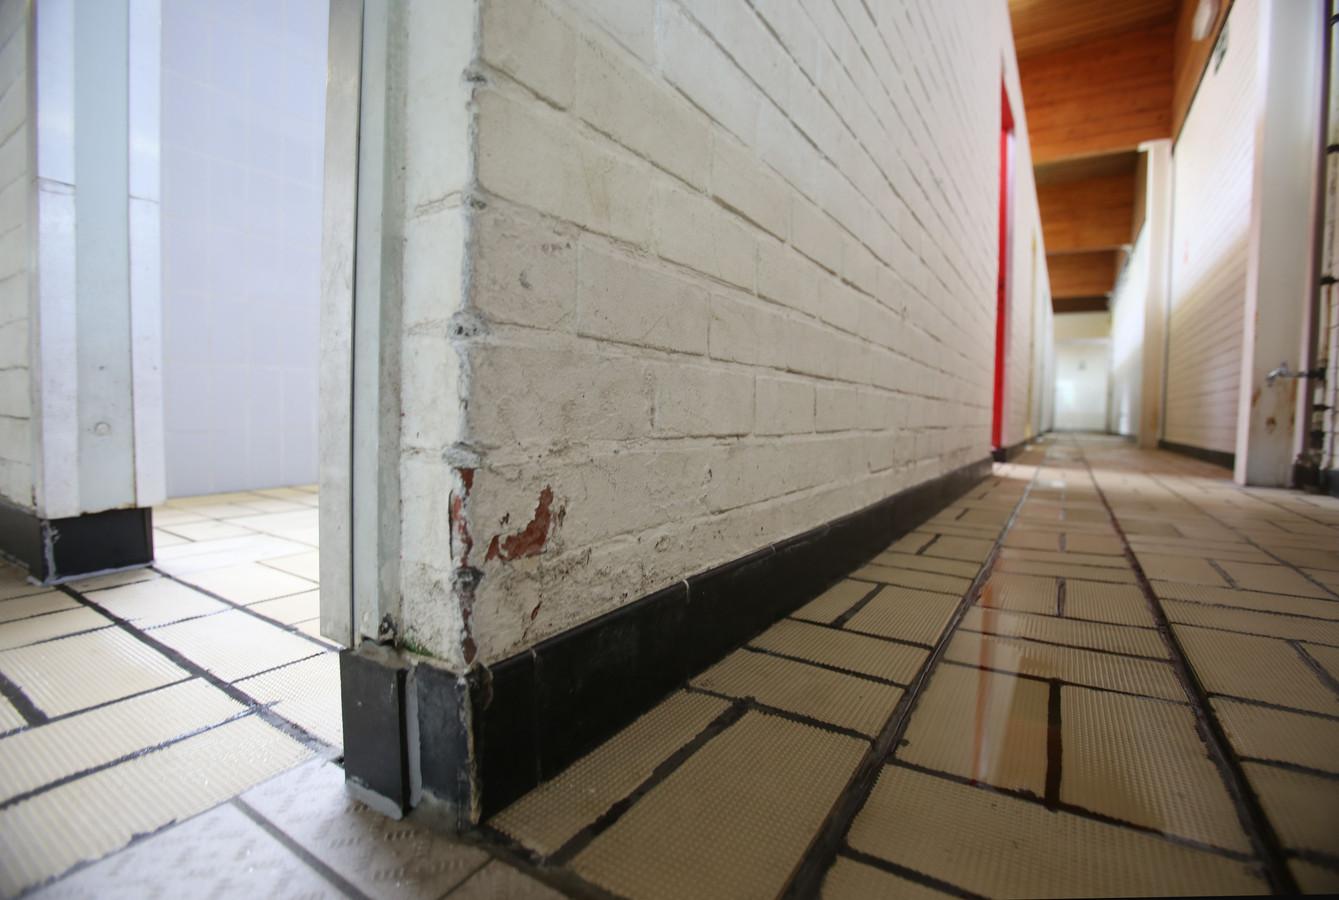 Afbrokkelende muren.